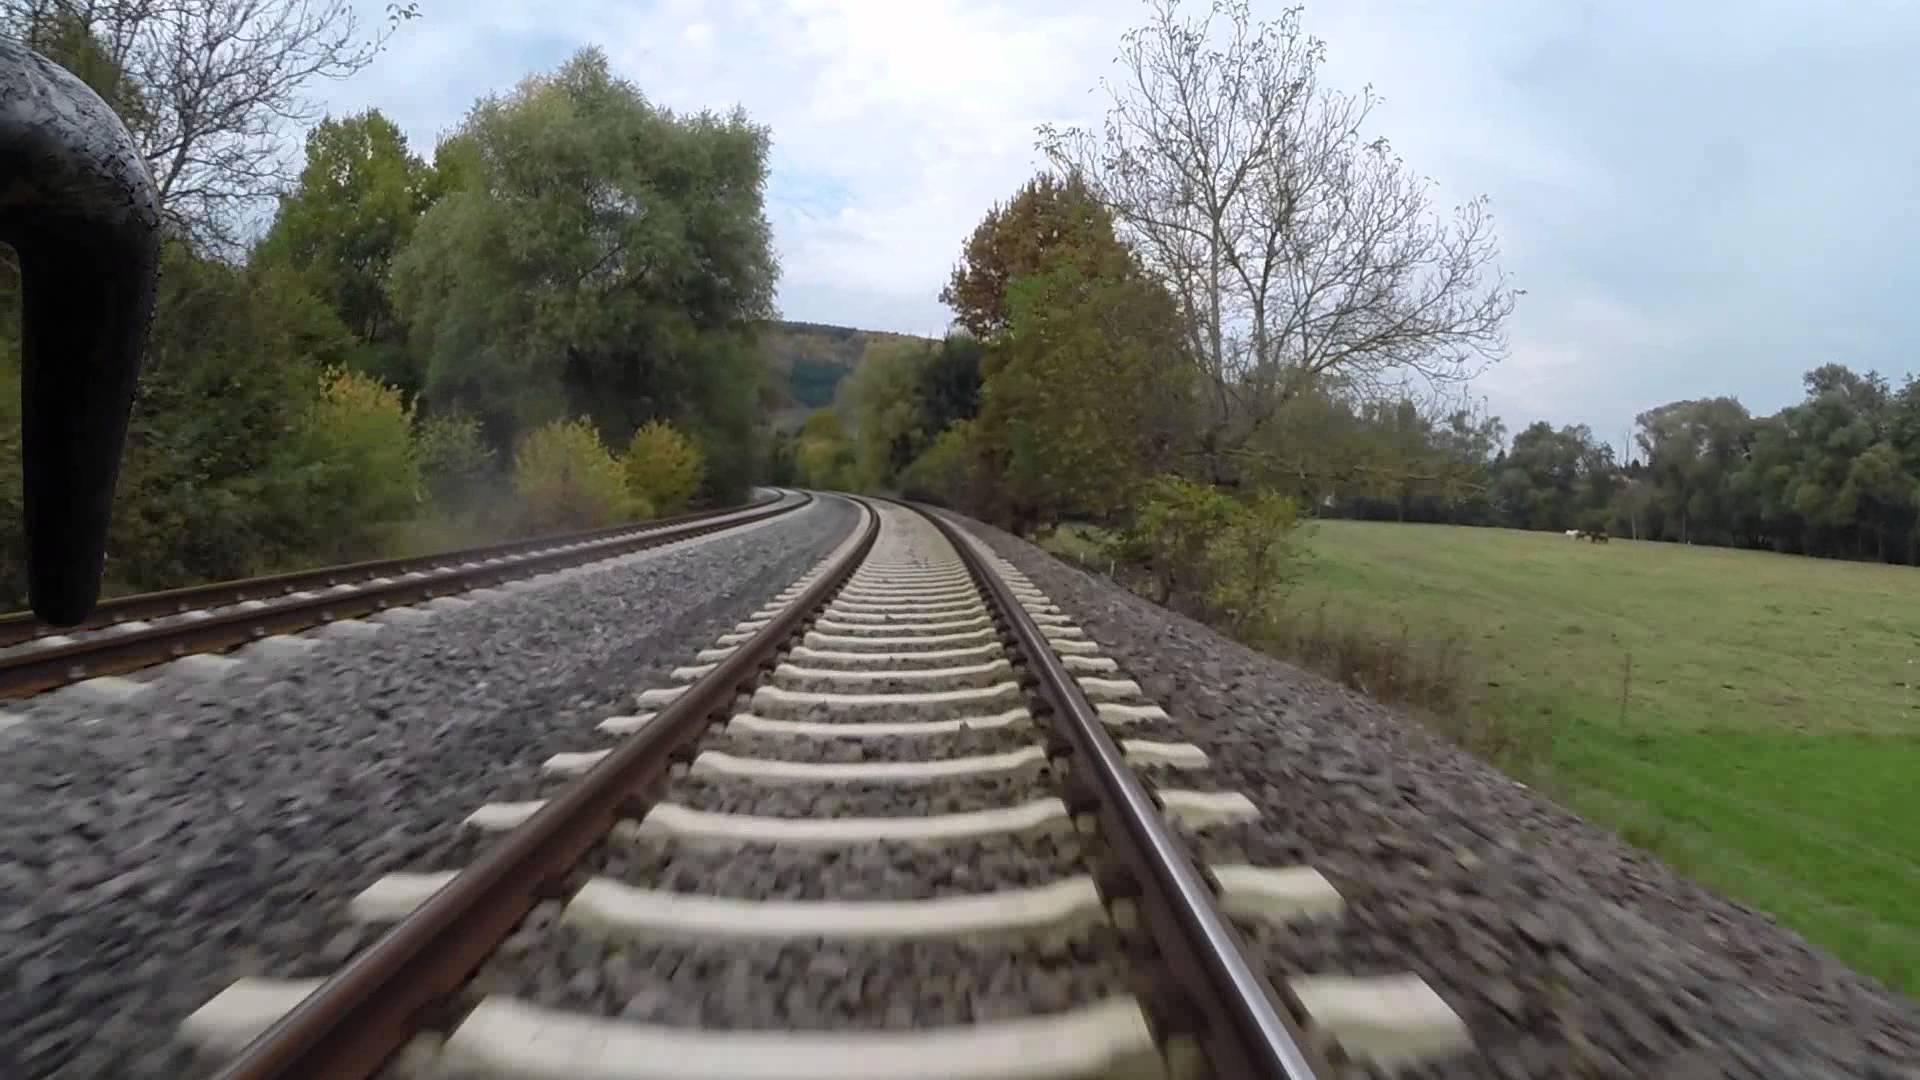 DB Bahn – Mitfahrt in der Schaku – Nr. 27 – Von Kaiserslautern Hbf nach Bingen am Rhein Hbf – GoPro